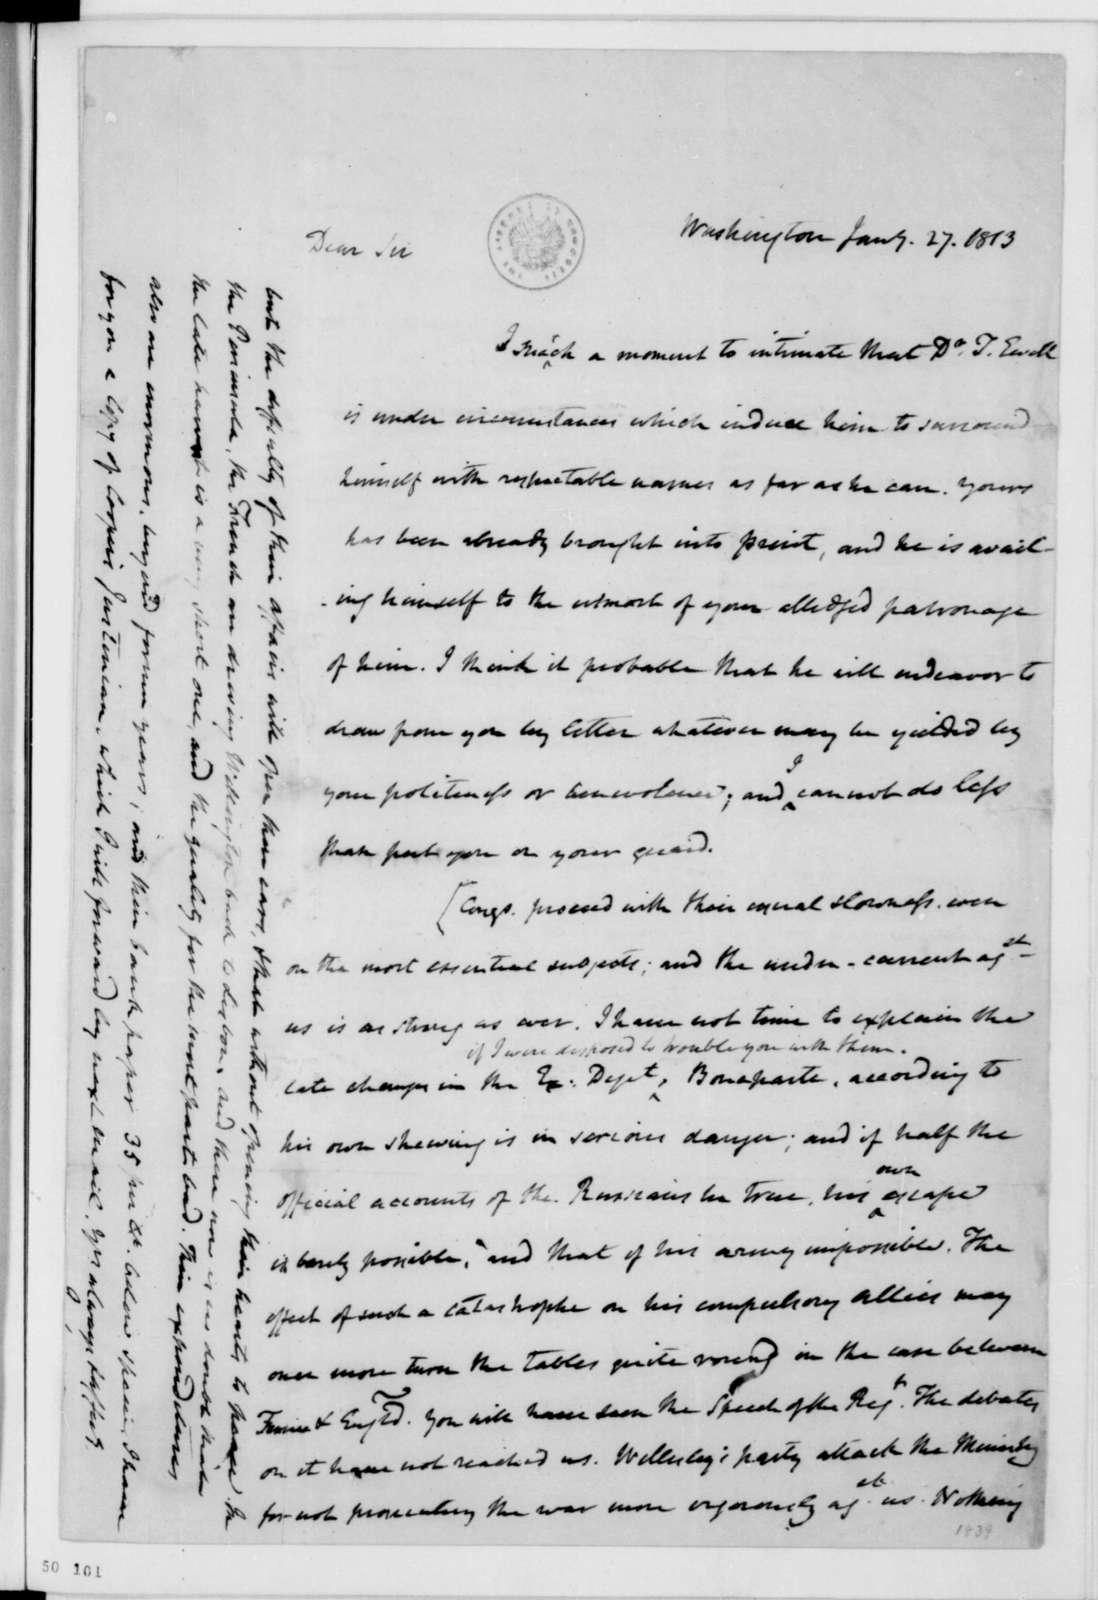 James Madison to Thomas Jefferson, January 27, 1813.